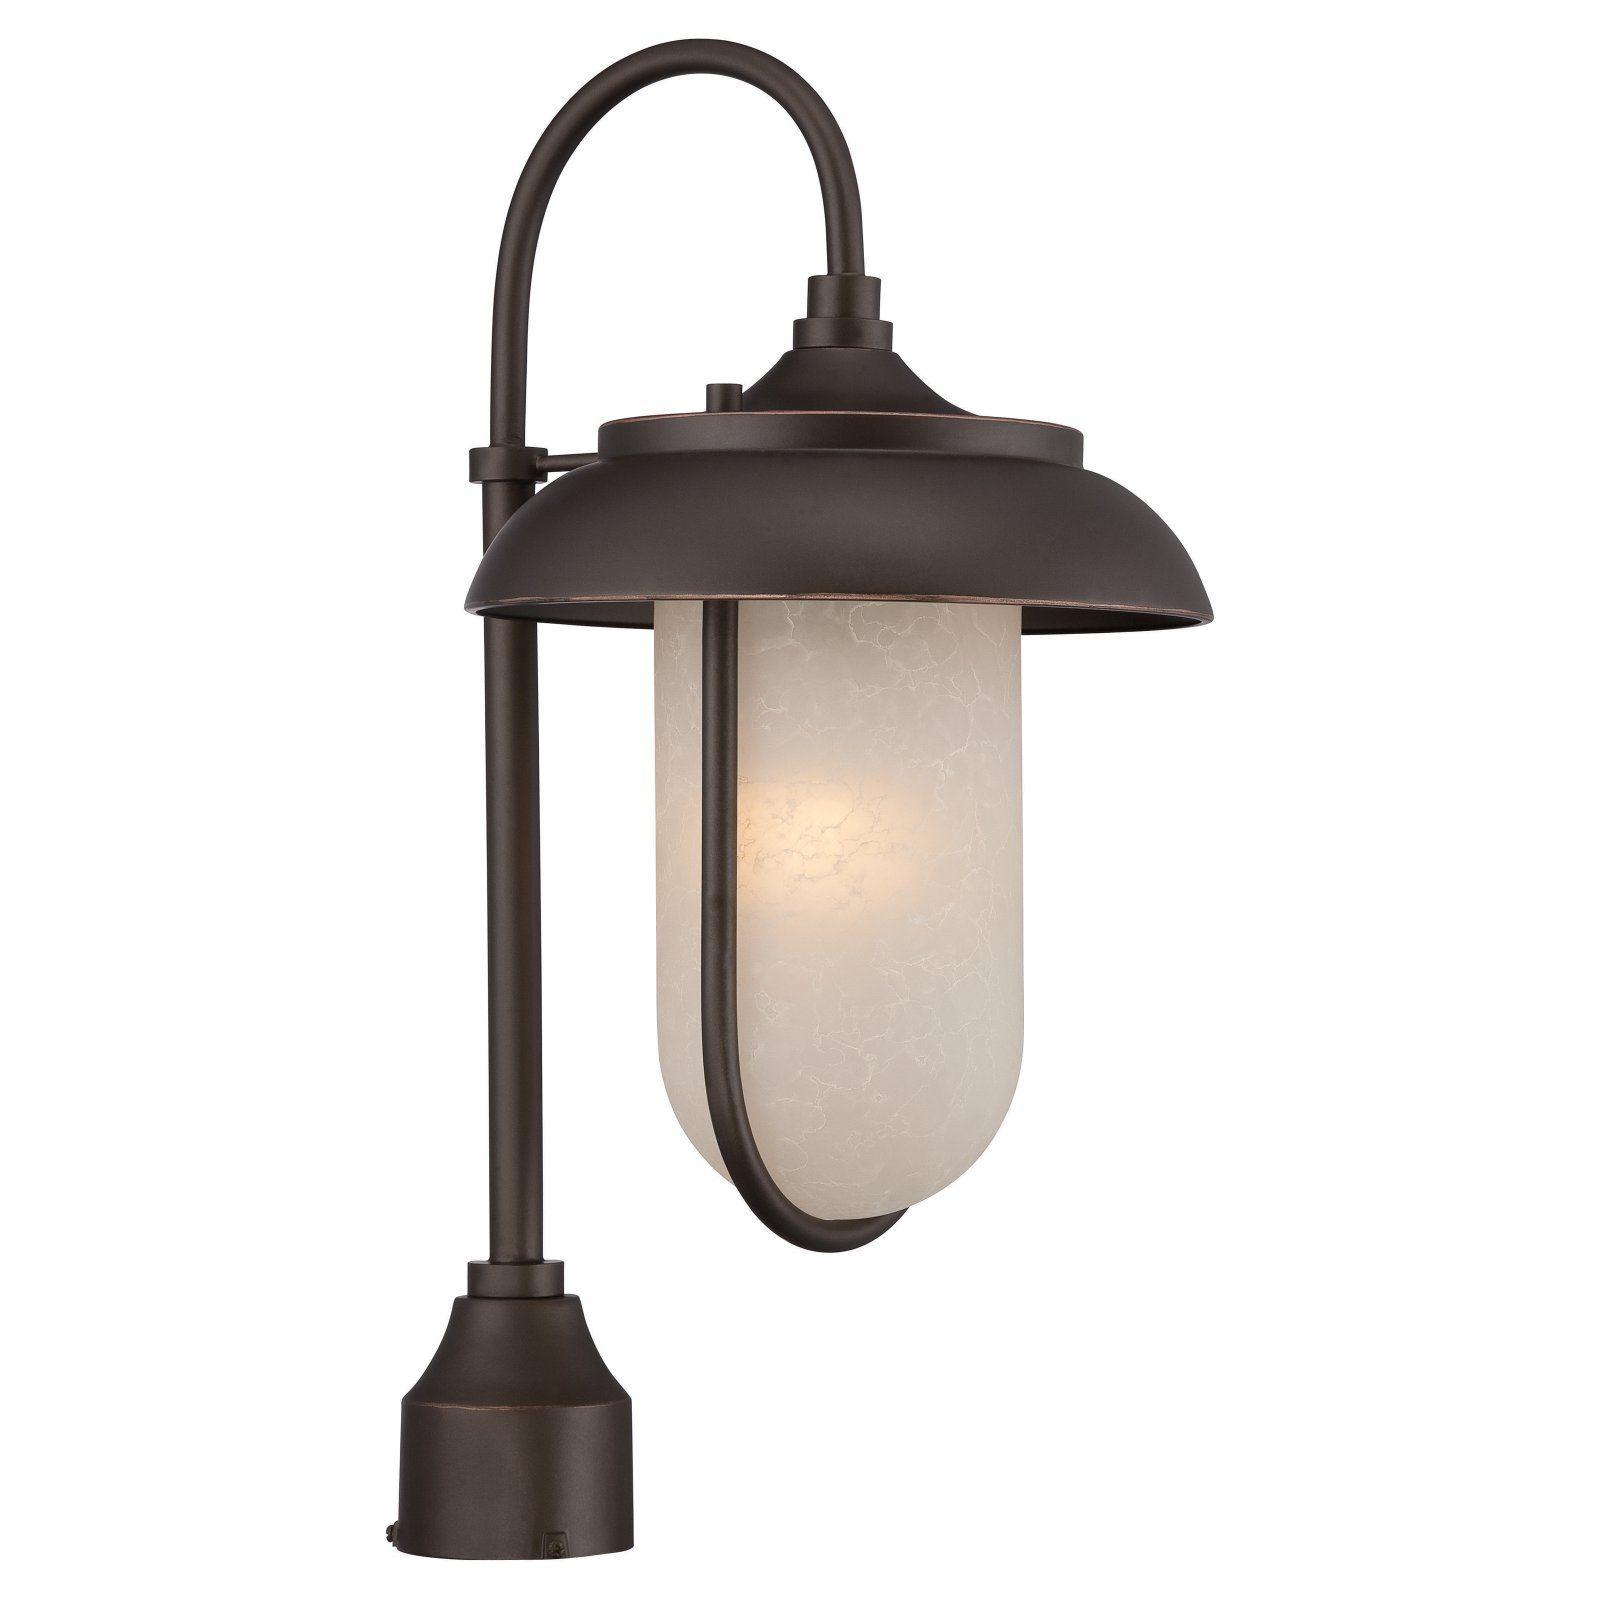 light fixtures tulsa # 25